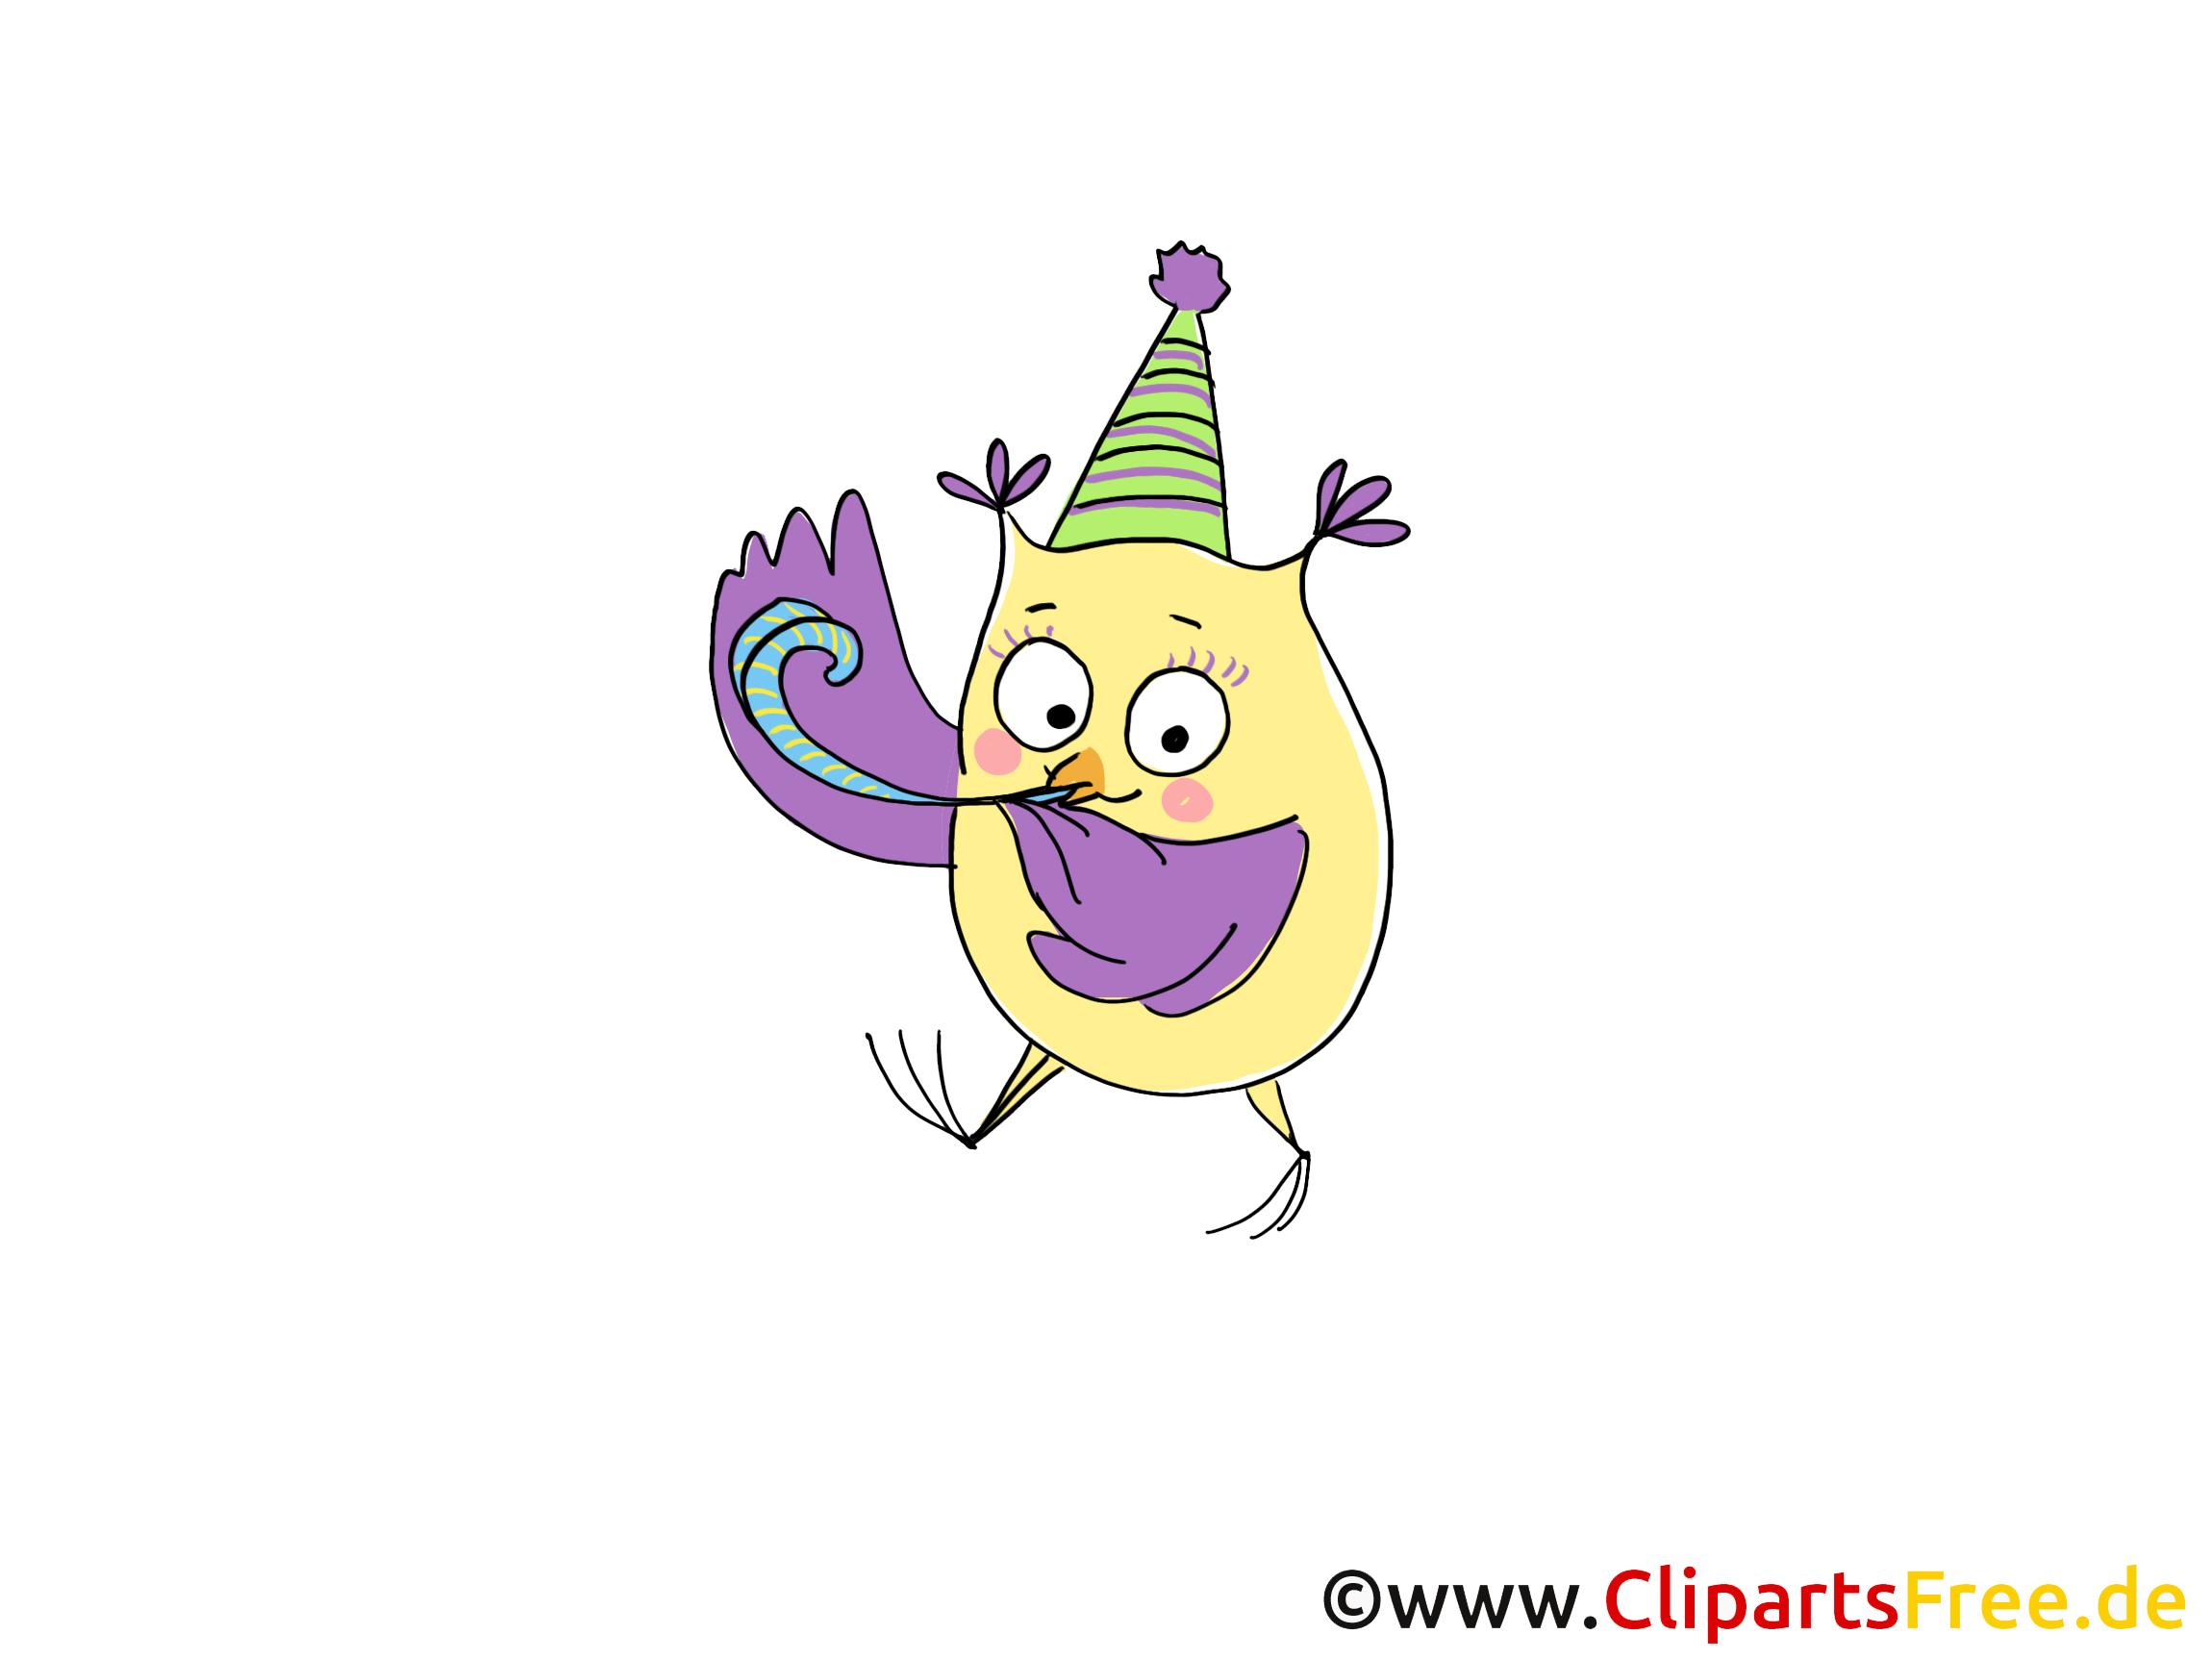 Hibou cliparts gratuis - Fête images gratuites